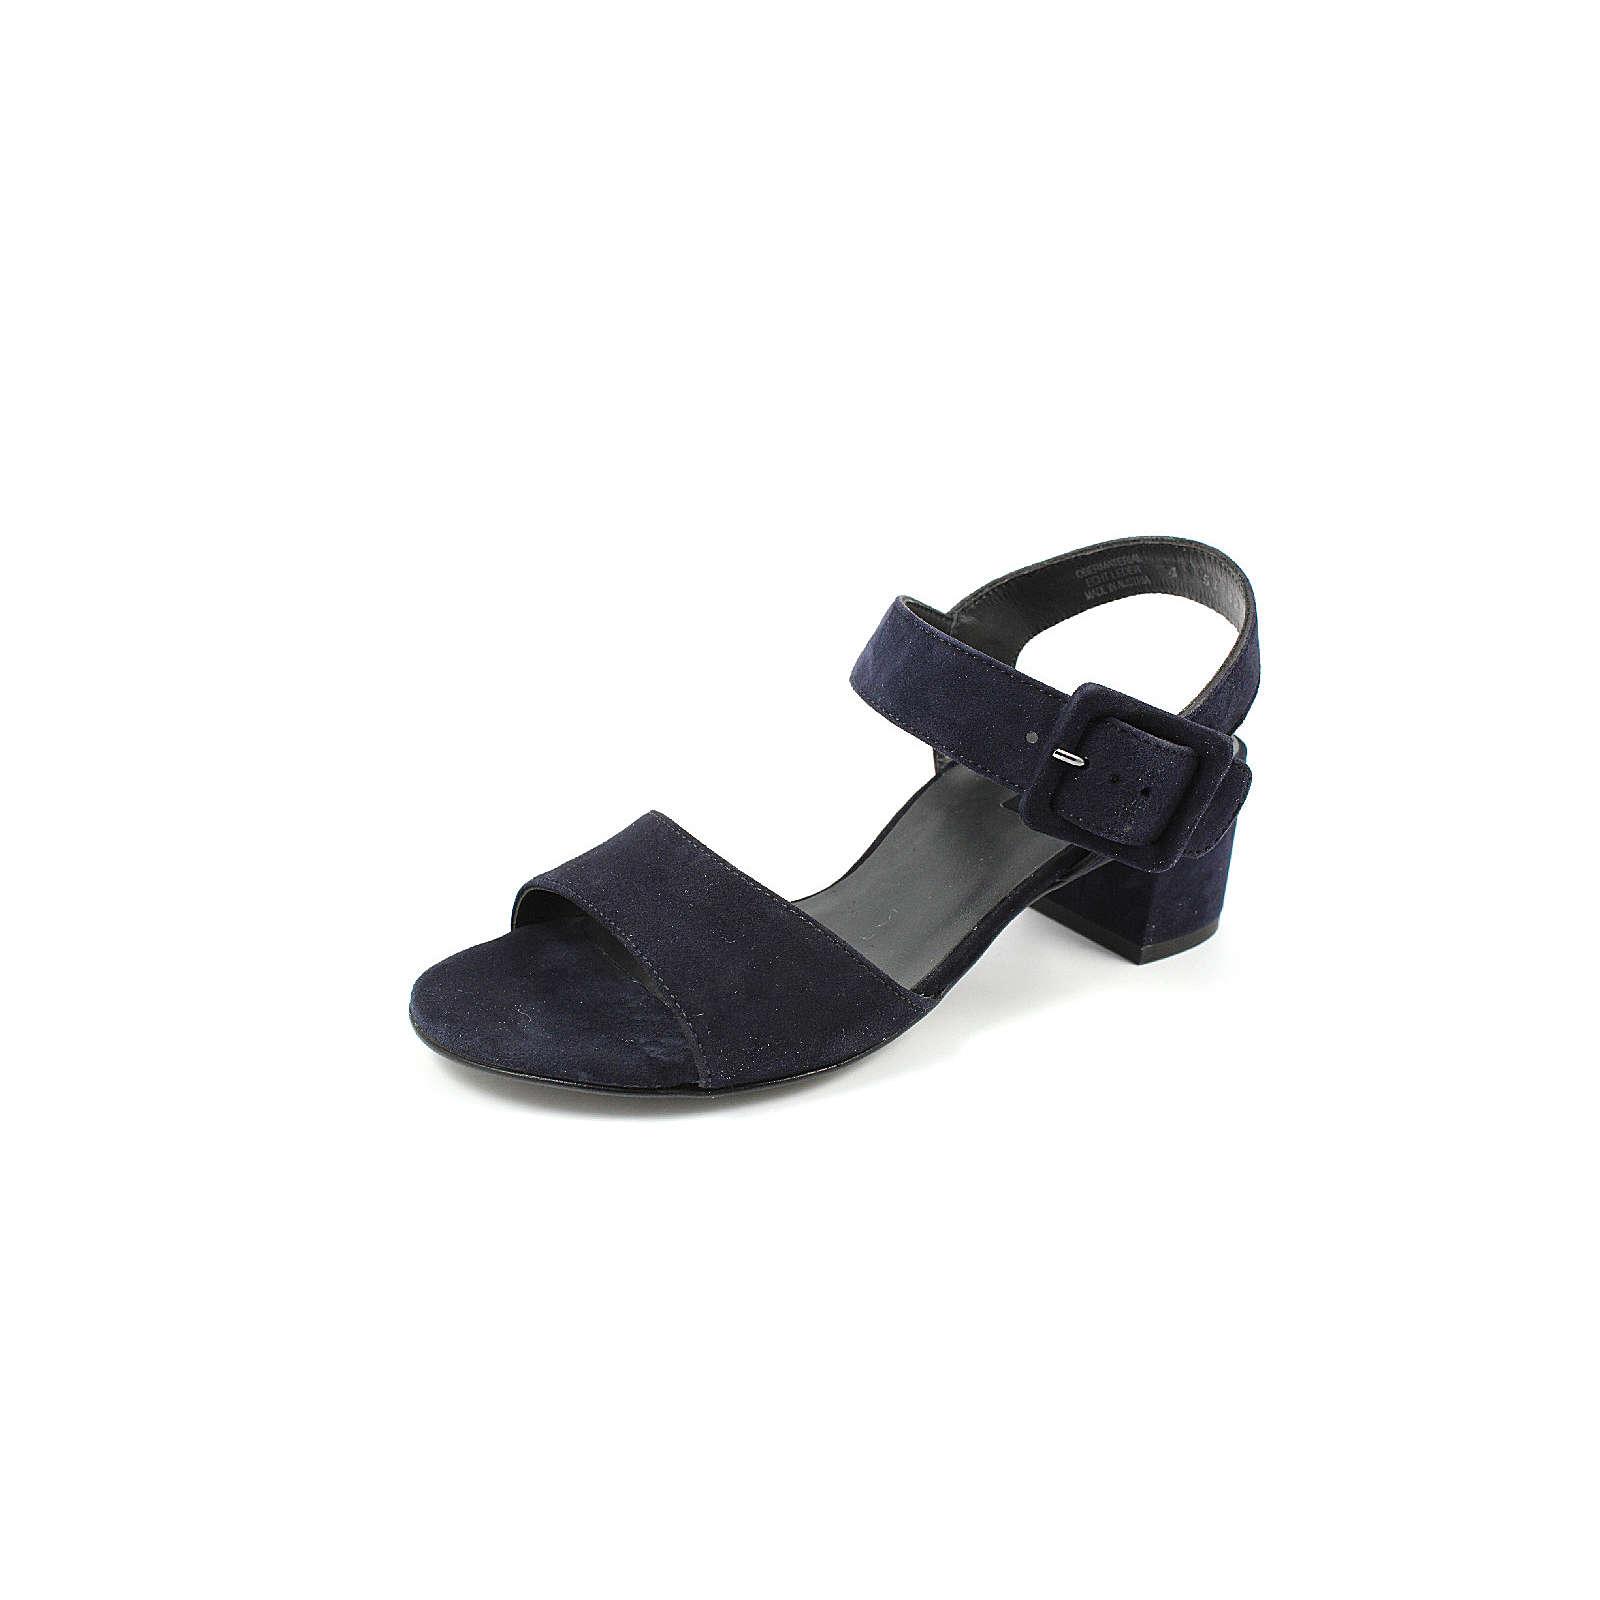 Paul Green Klassische Sandaletten blau Damen Gr. 38,5